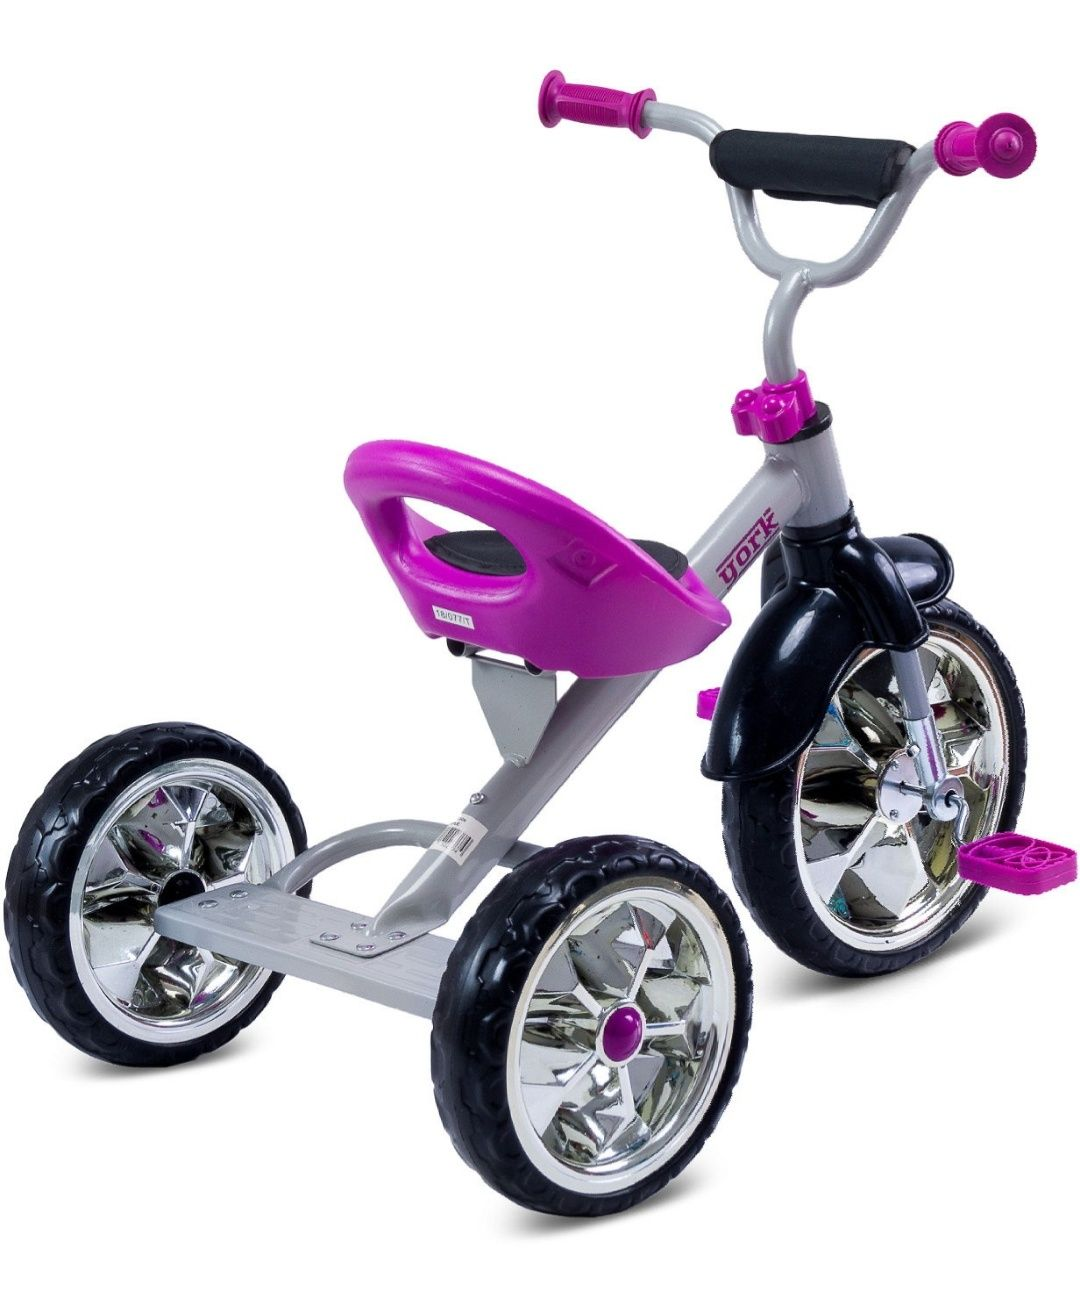 Trojkołowy rowerek